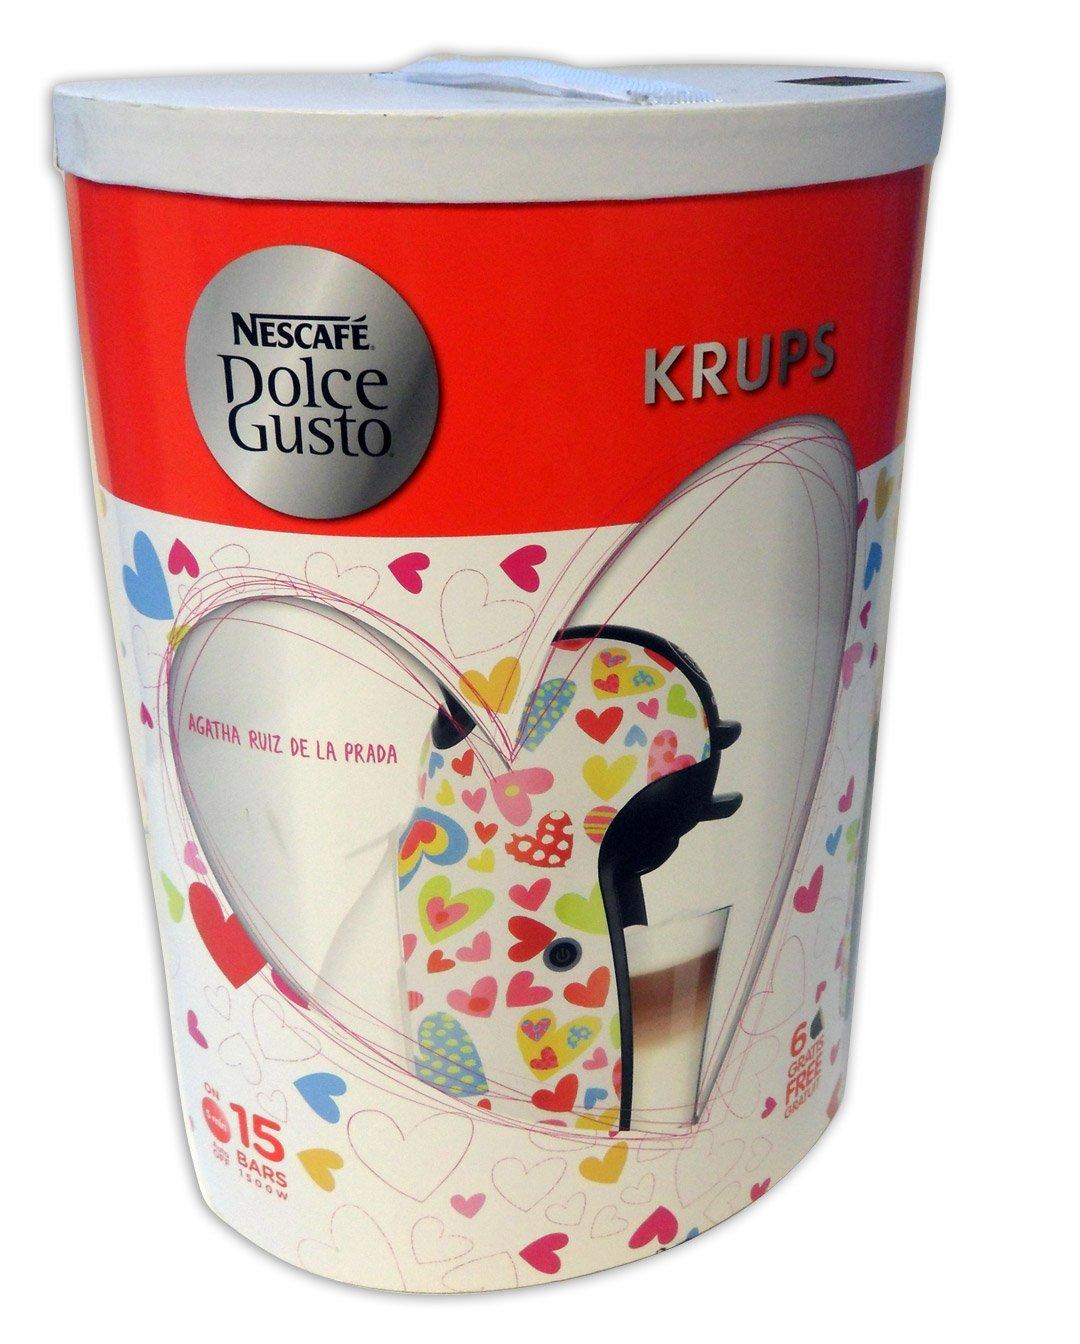 Amazon.com: Krups Dolce Gusto Piccolo Espresso machine ...